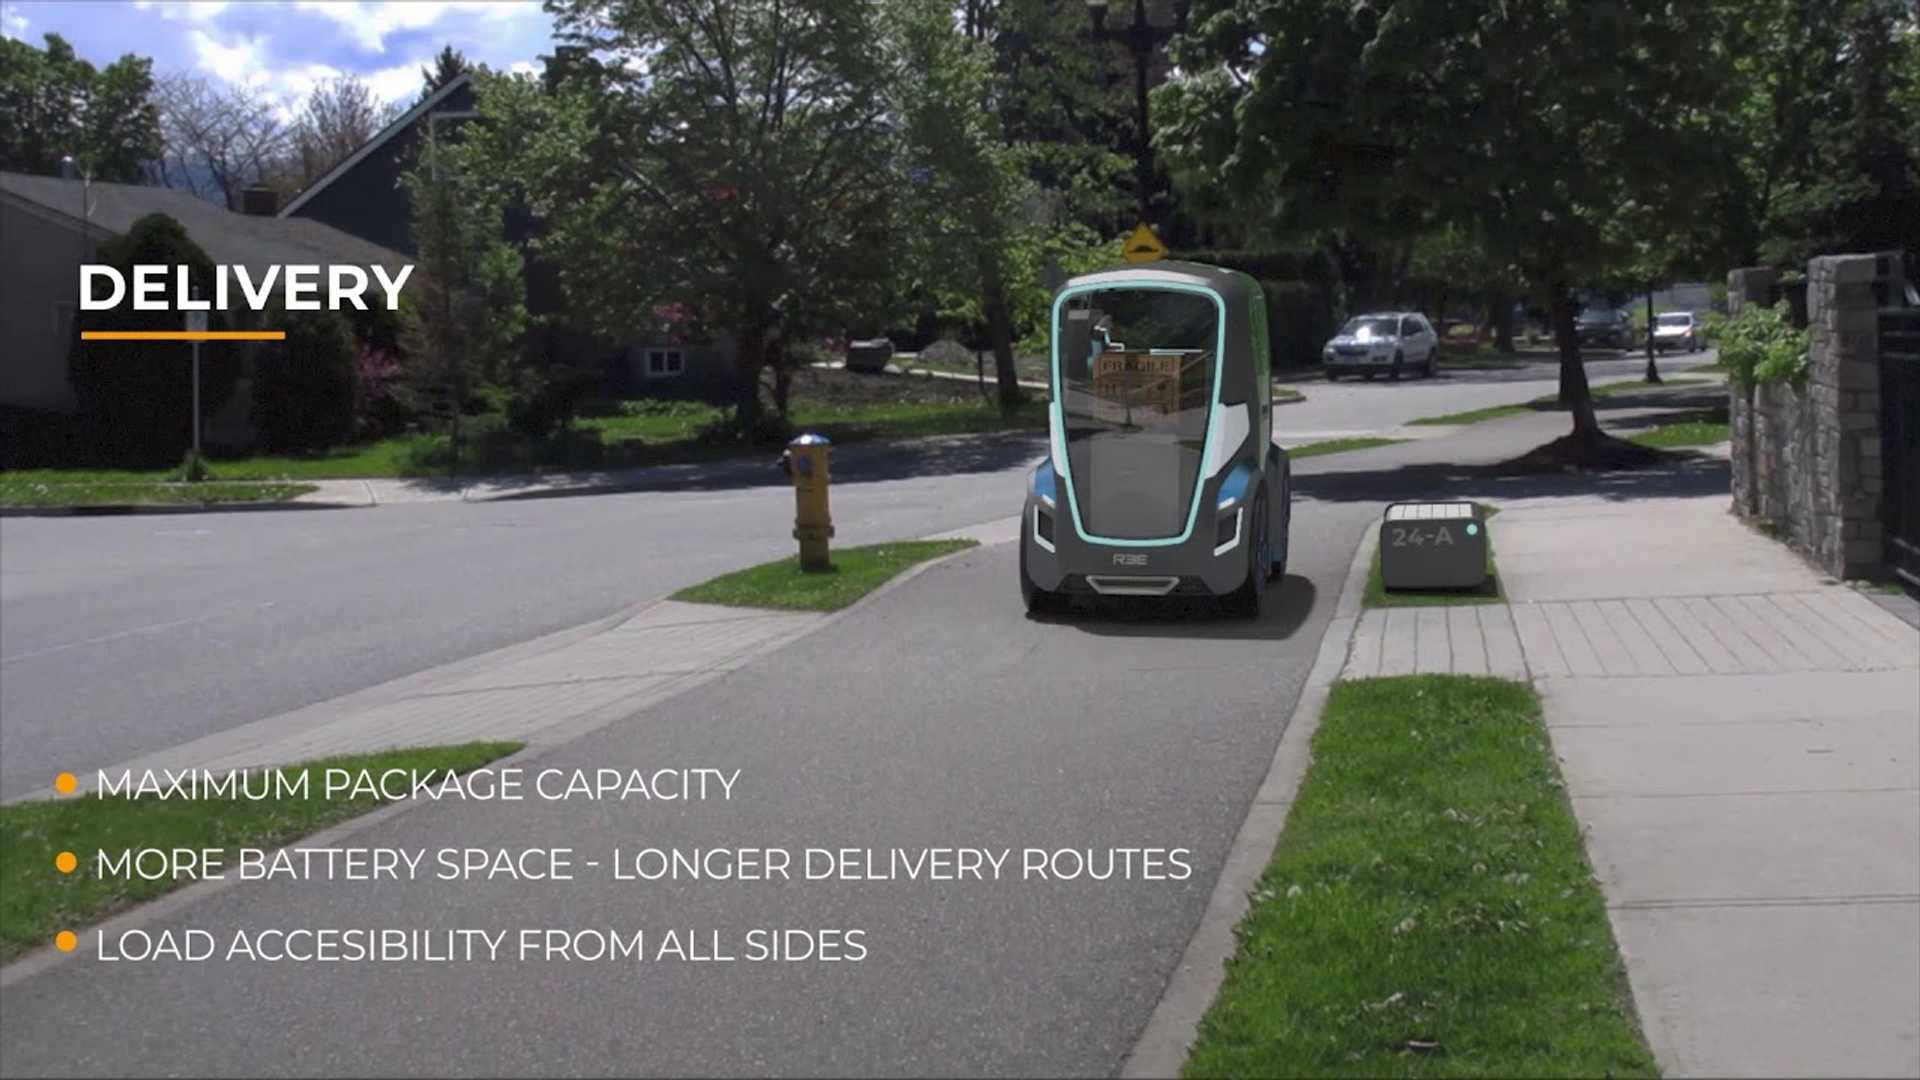 REE представляет автономное использование для своей революционной платформы EV